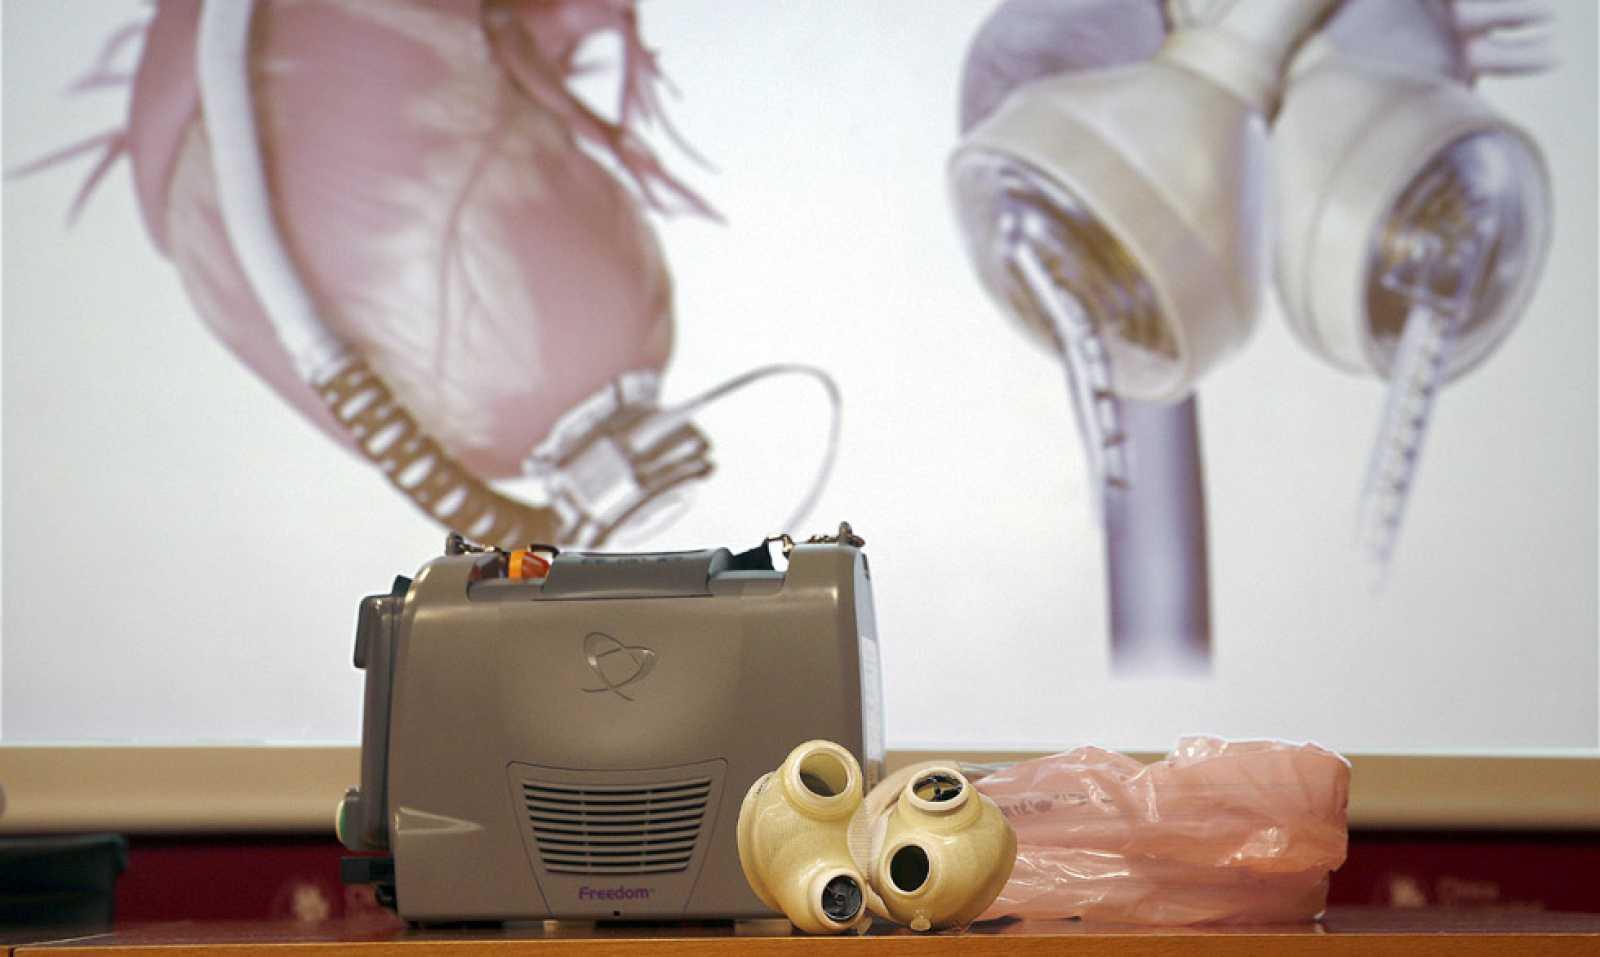 Un equipo médico de Navarra implanta por primera vez un corazón artificial a un paciente en España